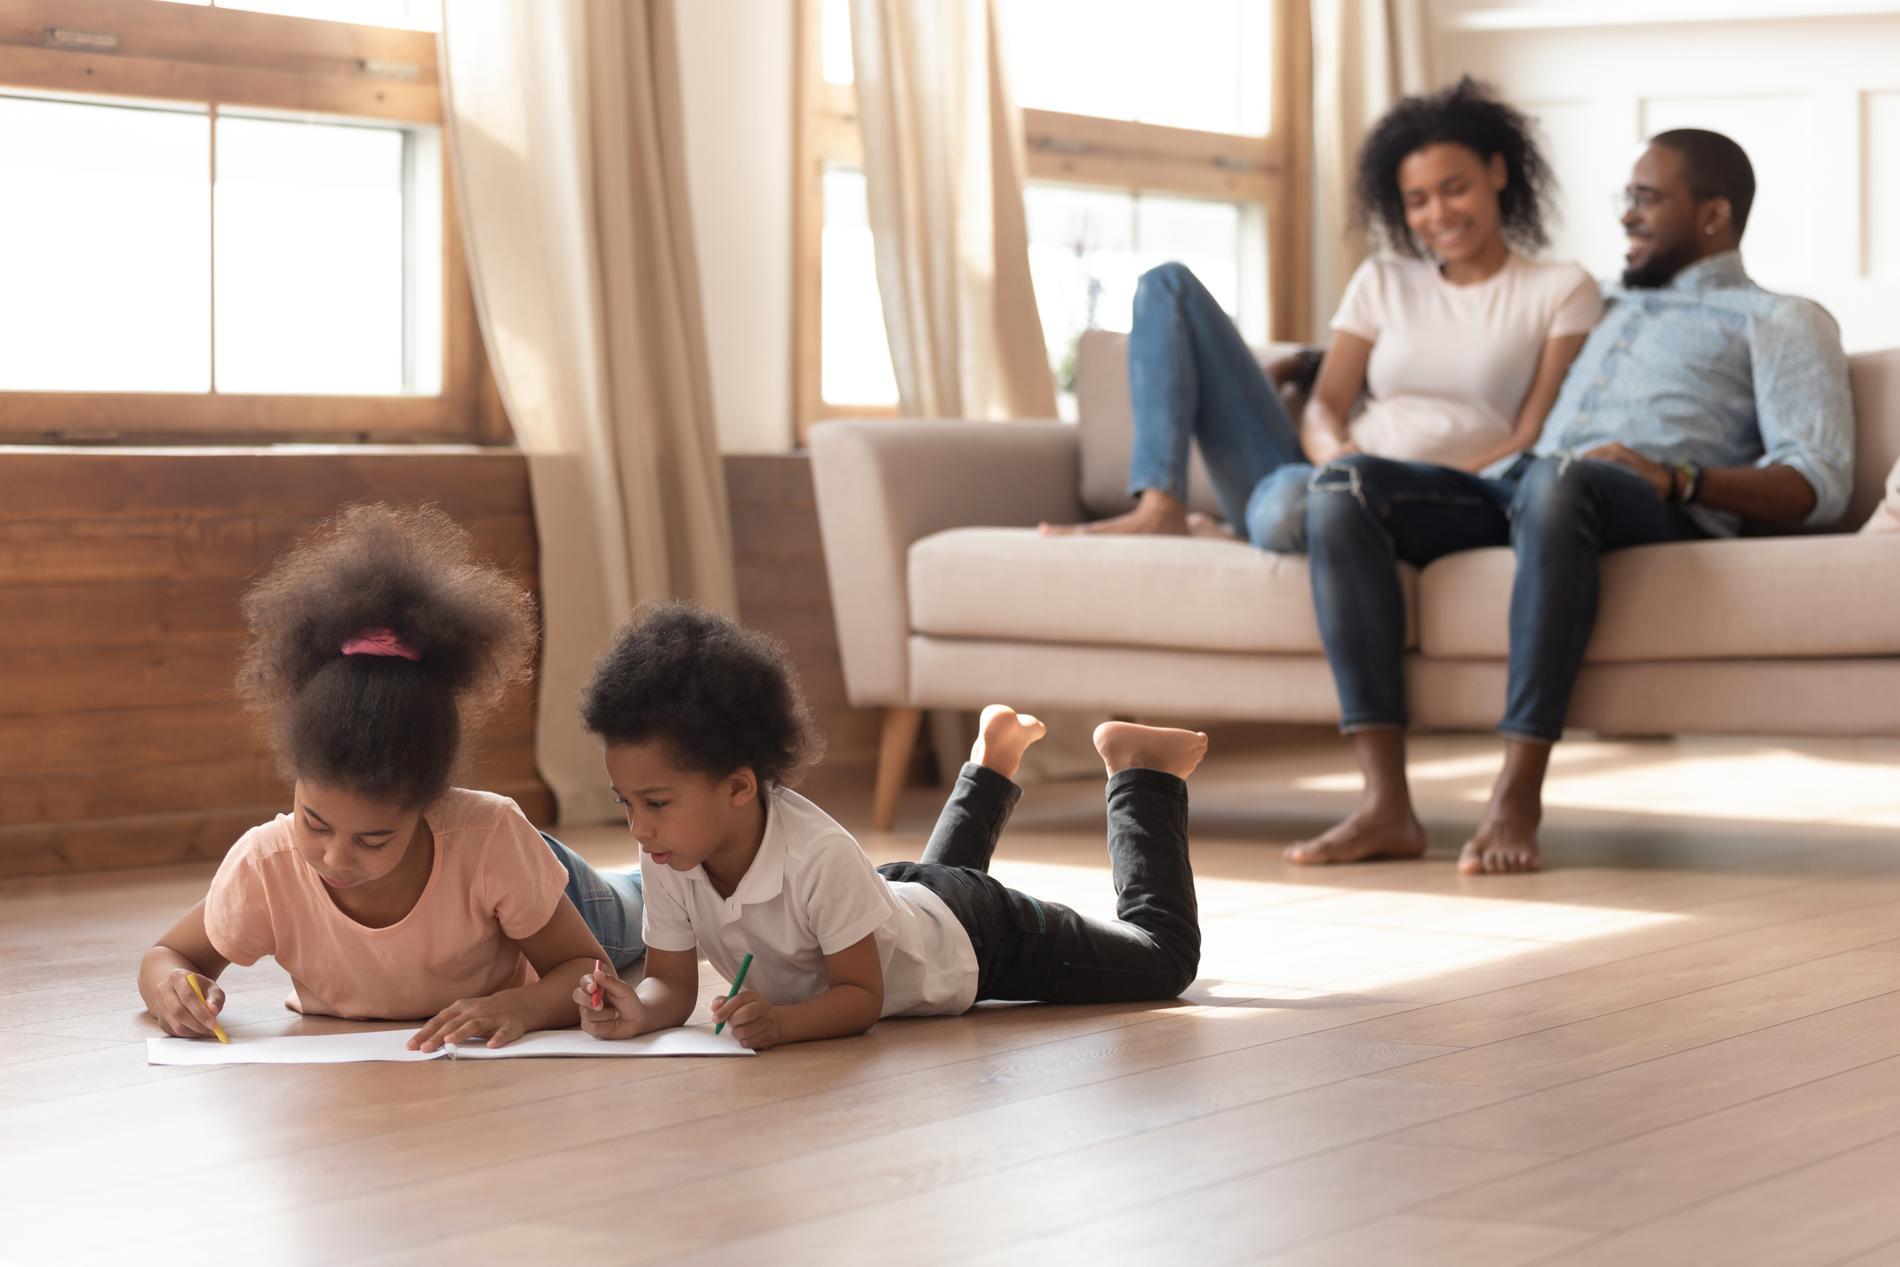 Du ska känna dig nöjd om barnen kan leka själva, enligt Malin Bergström.